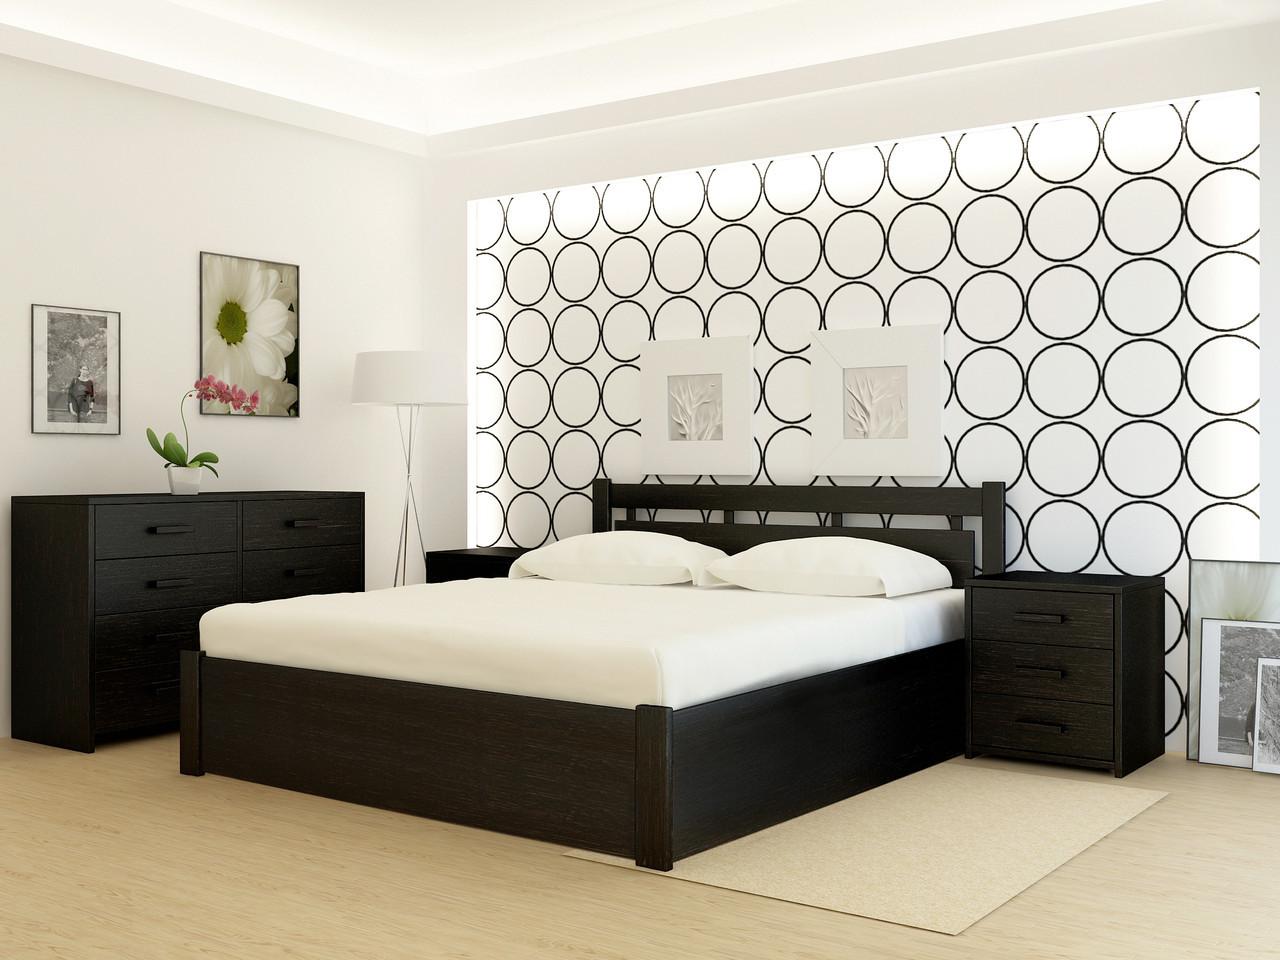 Дерев'яне ліжко Олександрія плюс (з підйомним механізмом)